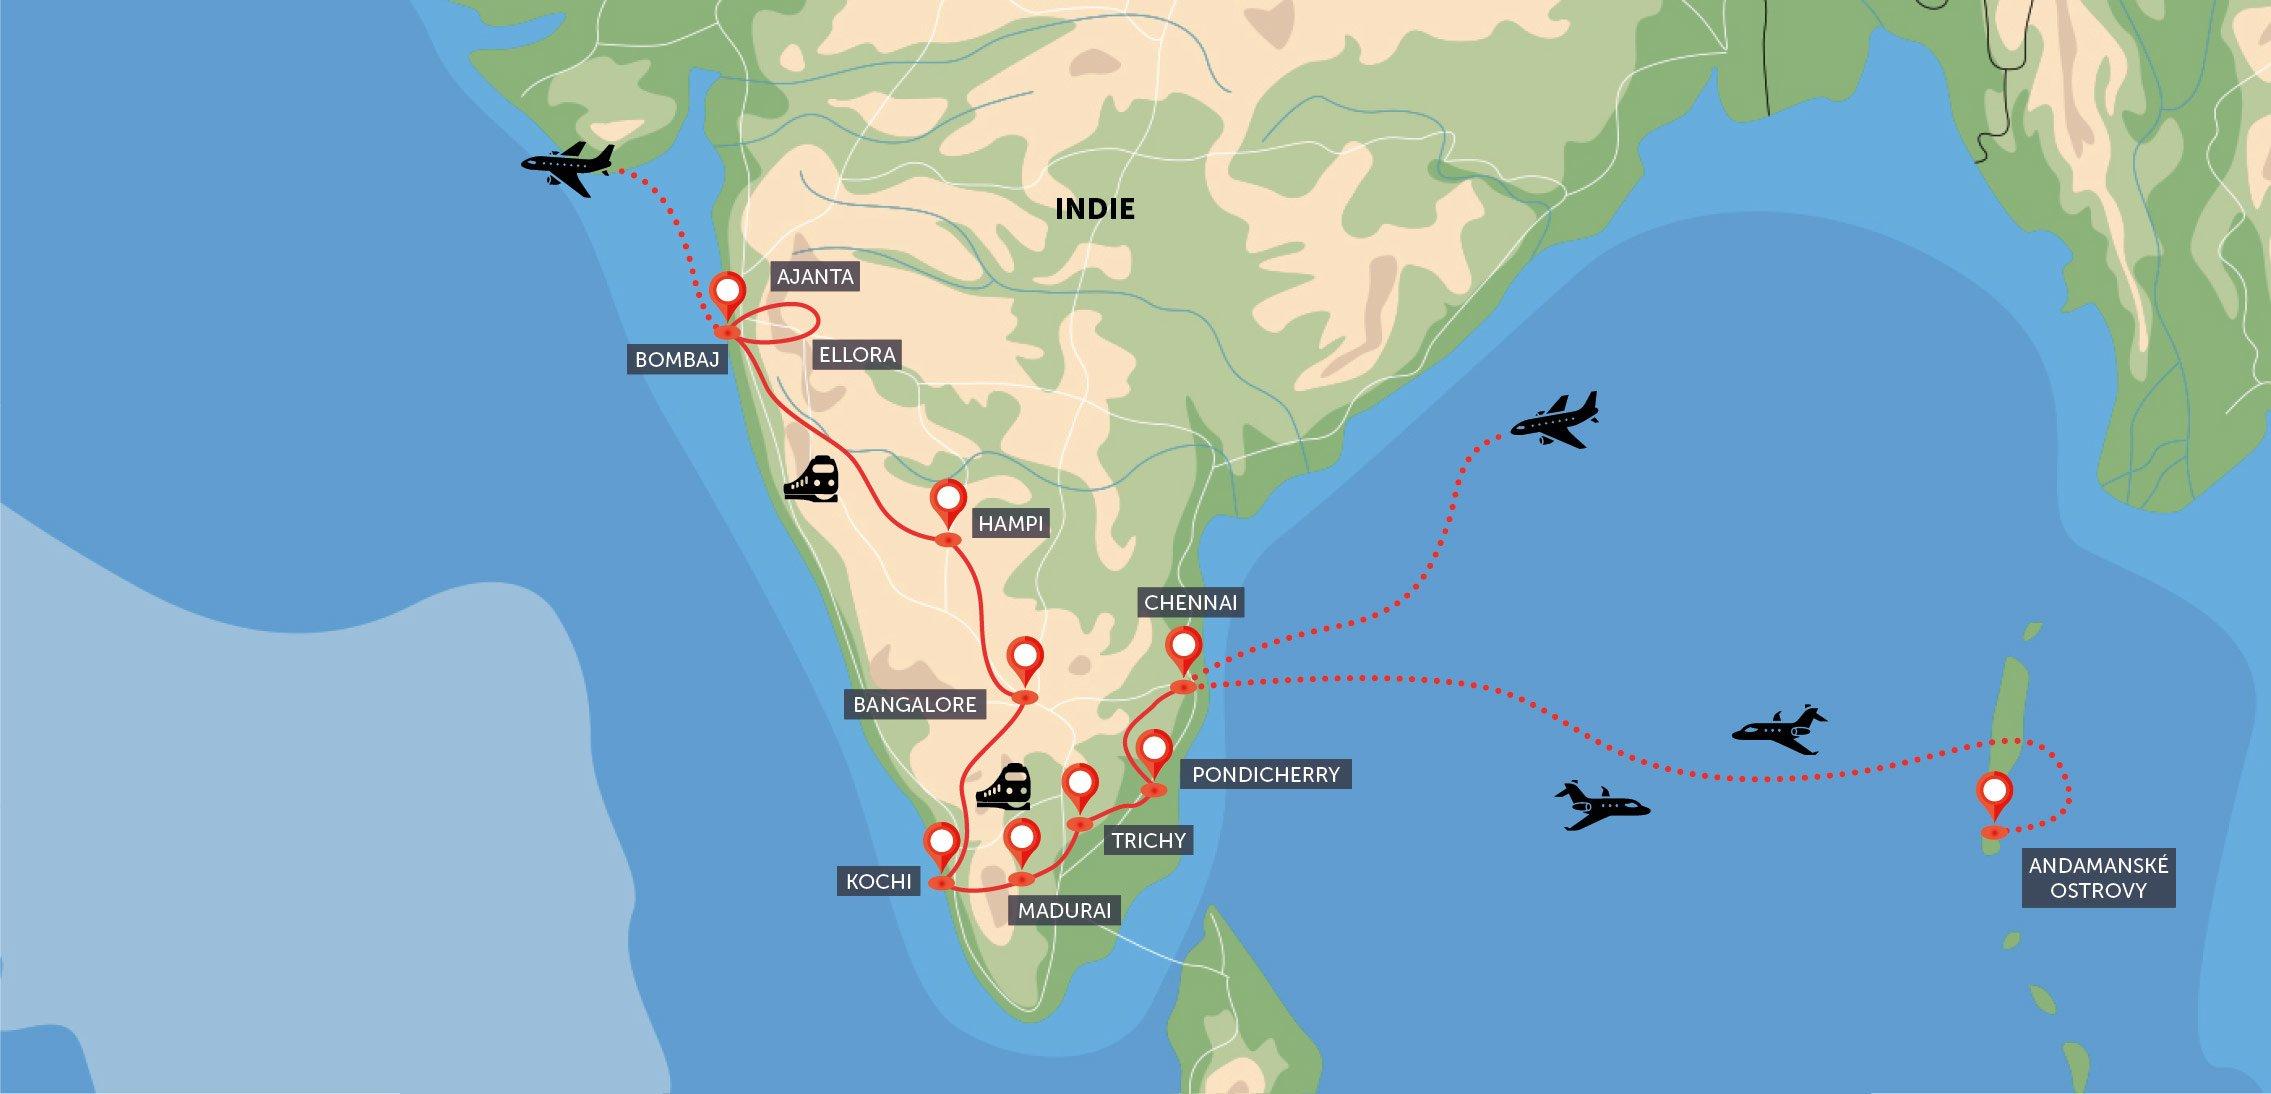 Jižní Indie, Hampi, Bombaj